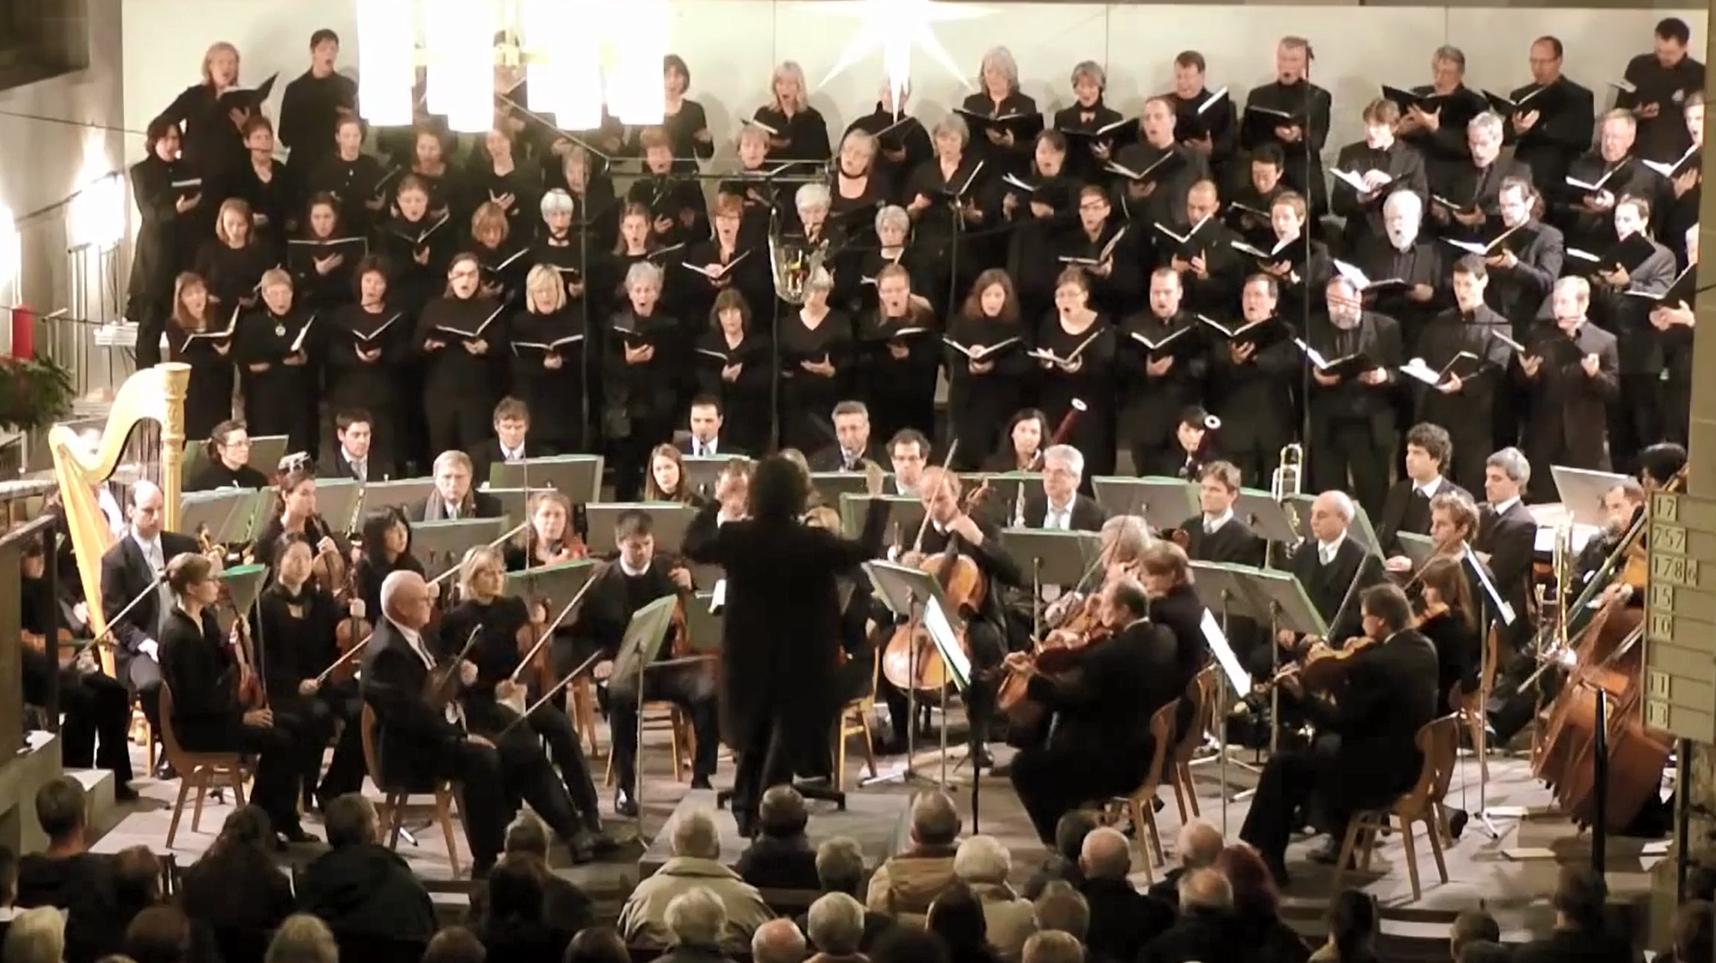 오네게르의 크리스마스 칸타타 연주 장면